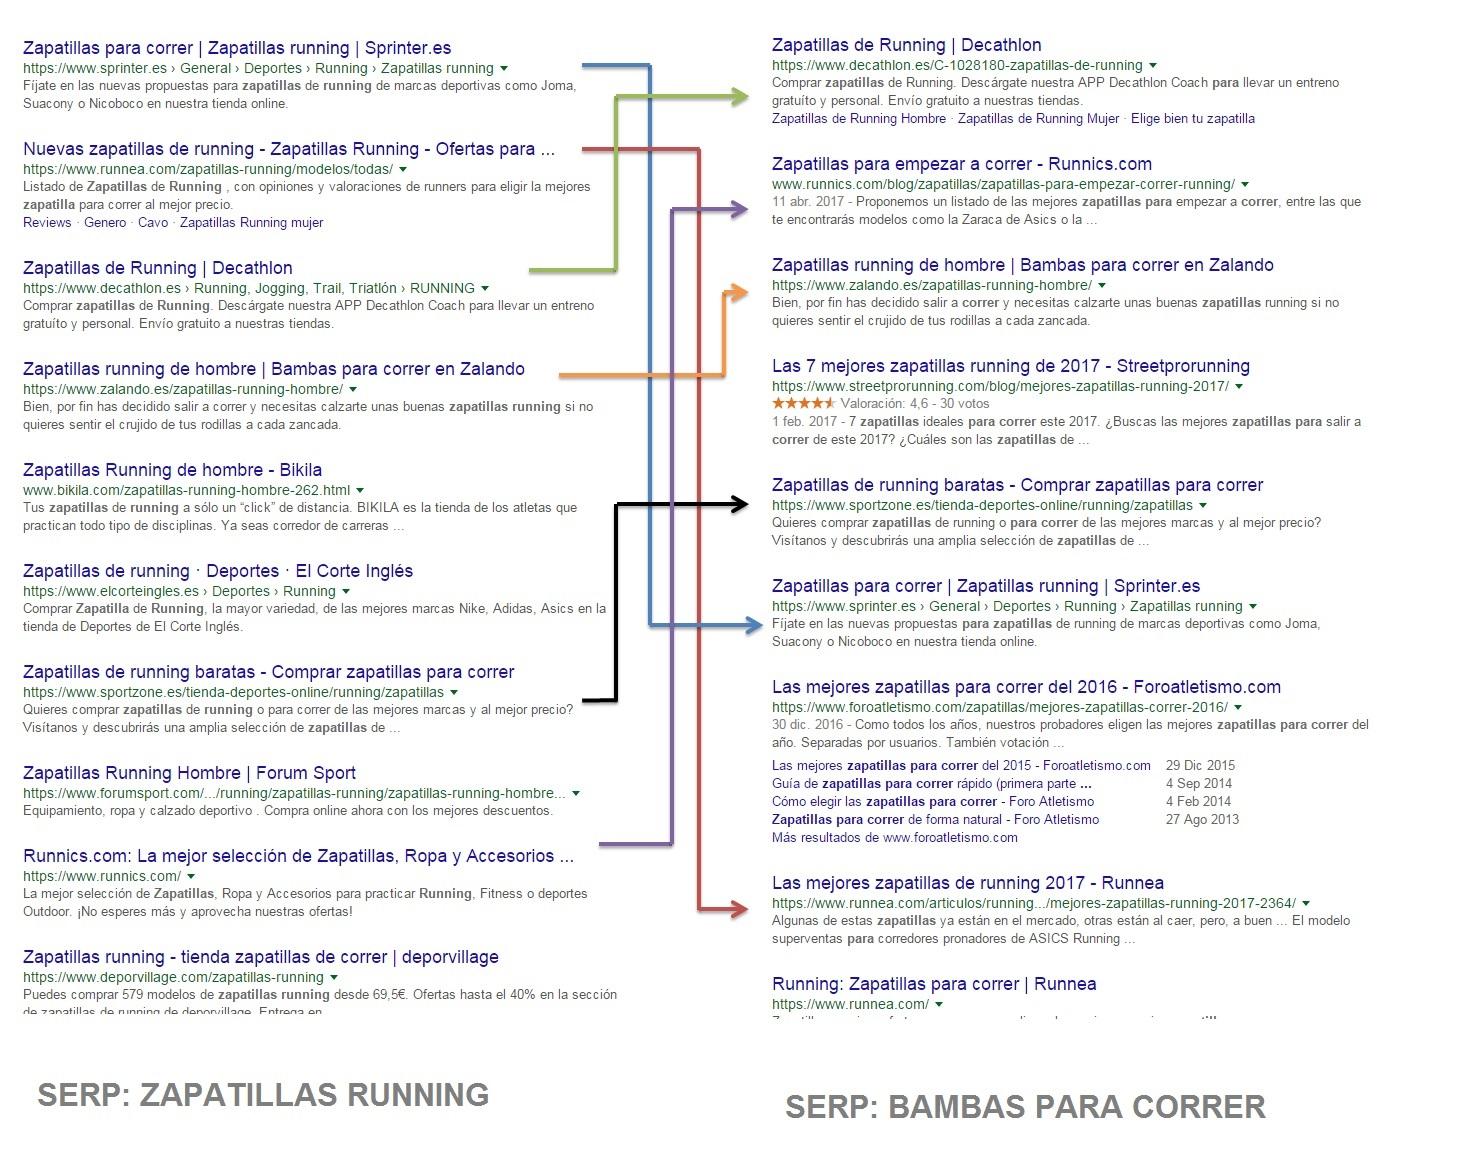 SERP de google con search intends parecidos